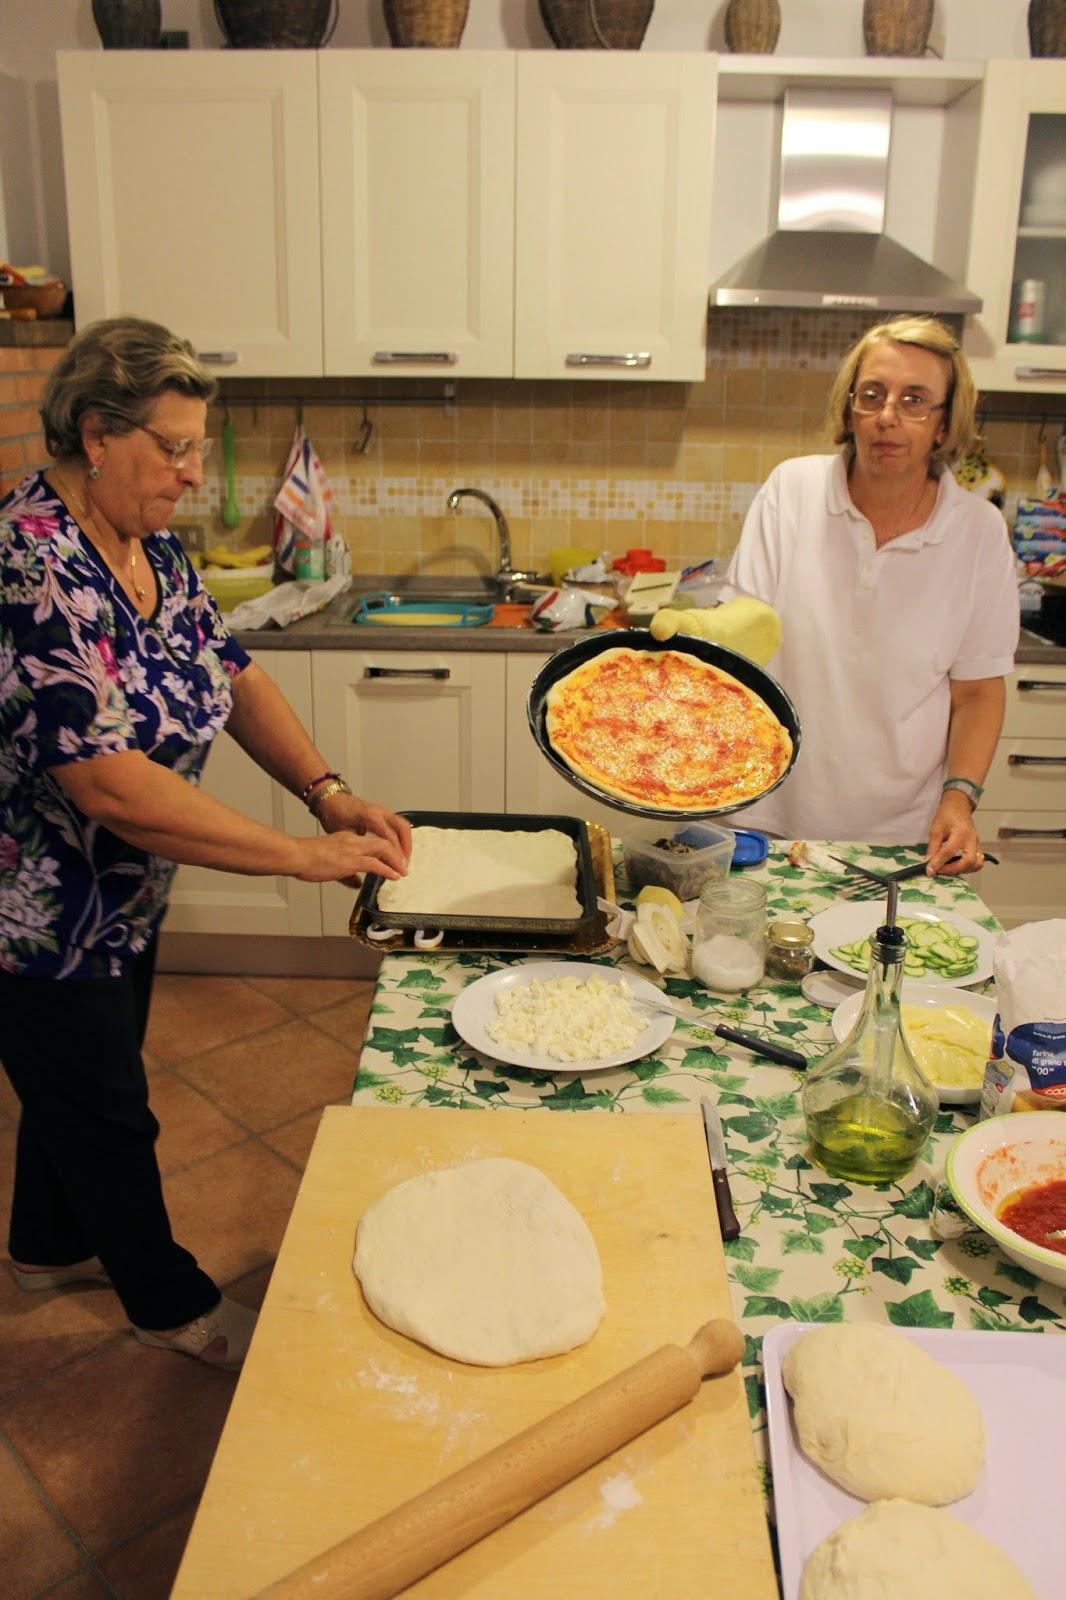 Alta cucina pane e pizza di rossella ed enrico - La cucina di rossella ...